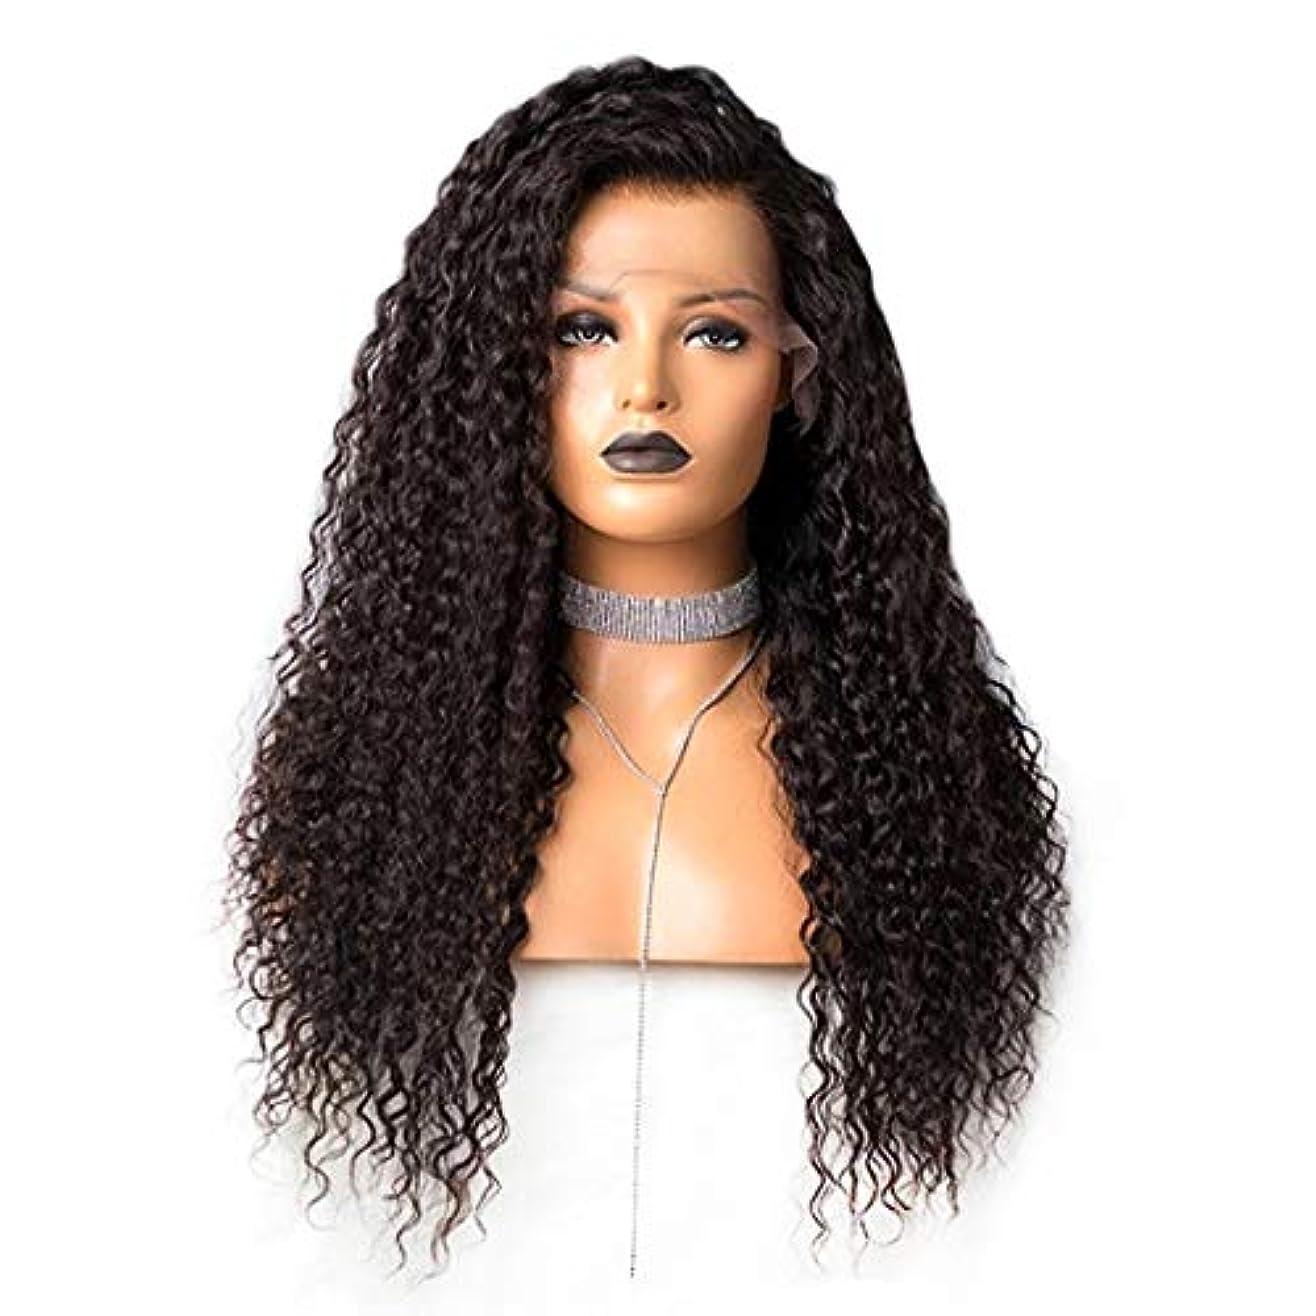 タッチペニー遊び場Koloeplf 女性のための長い緩いカーリー合成かつら黒い色の髪 (Size : 24inch)